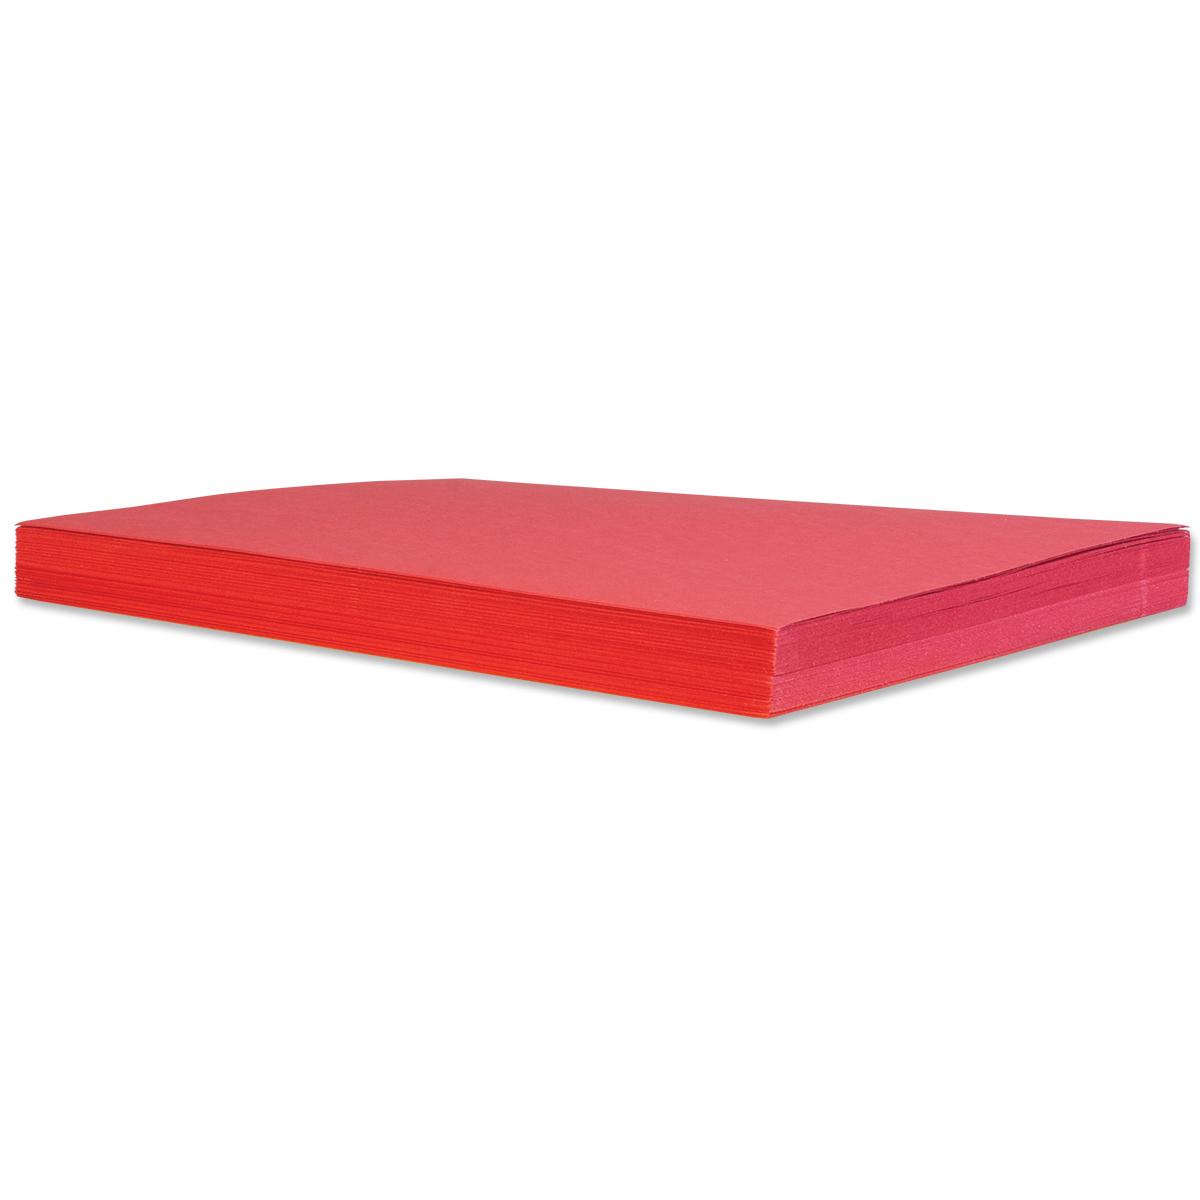 50 feuilles de papier de bricolage : rouges